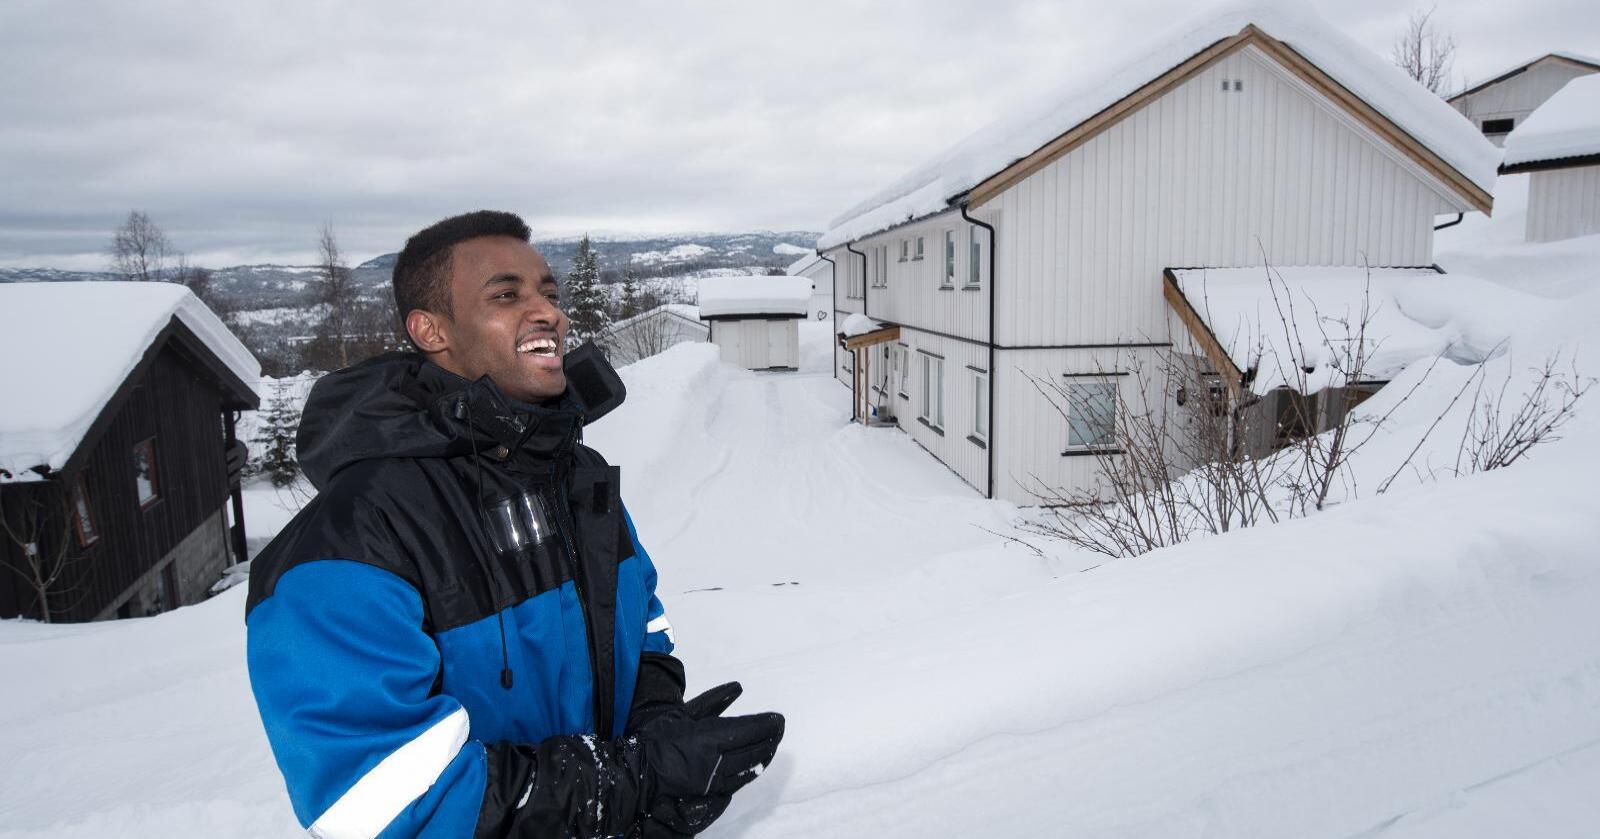 Ali Dhadhaow kjenner seg på heimebane på Vinje i Telemark. Han trur ikkje han hadde fått til like mykje på ein større stad. Foto: Vidar Sandnes